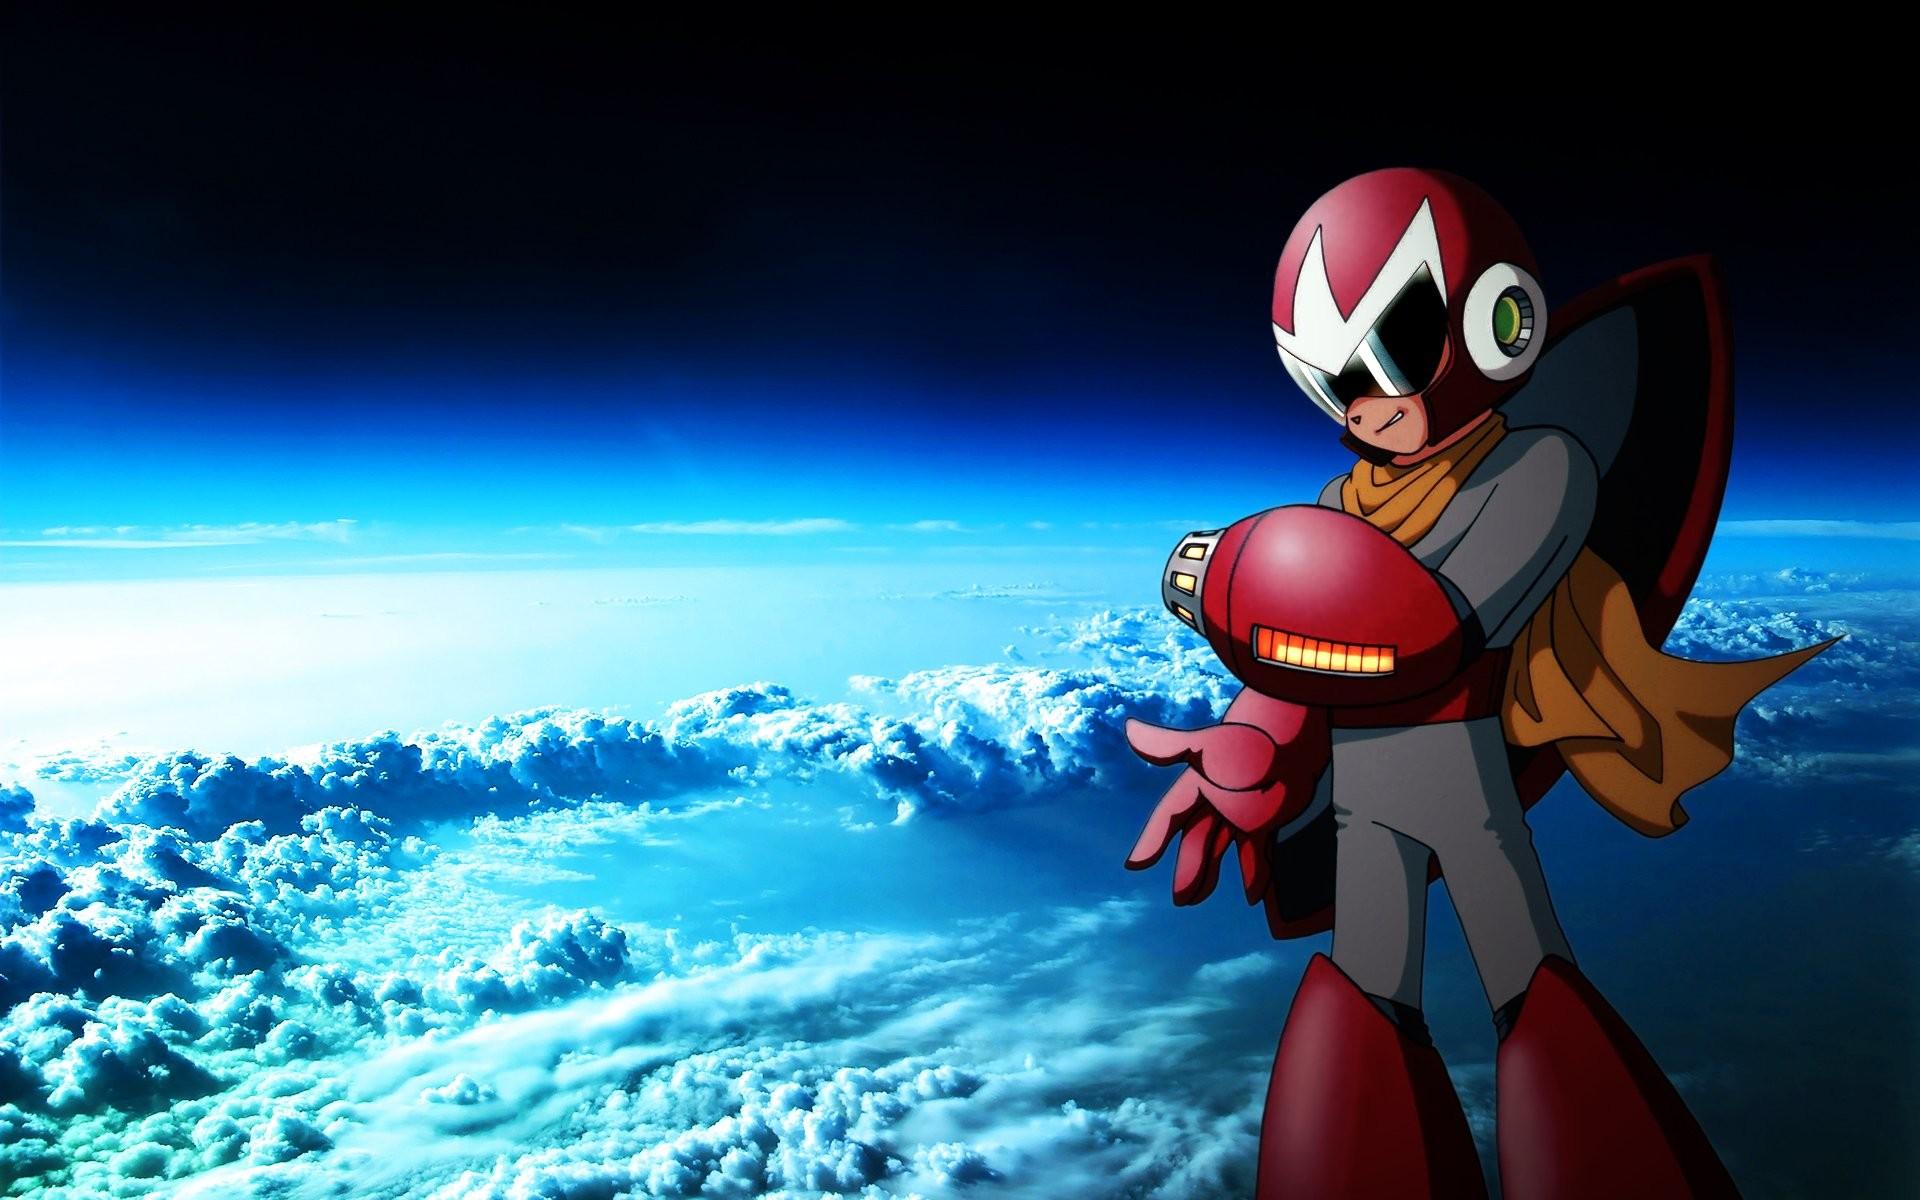 Mega Man Protoman Rockman wallpaper     335546   WallpaperUP